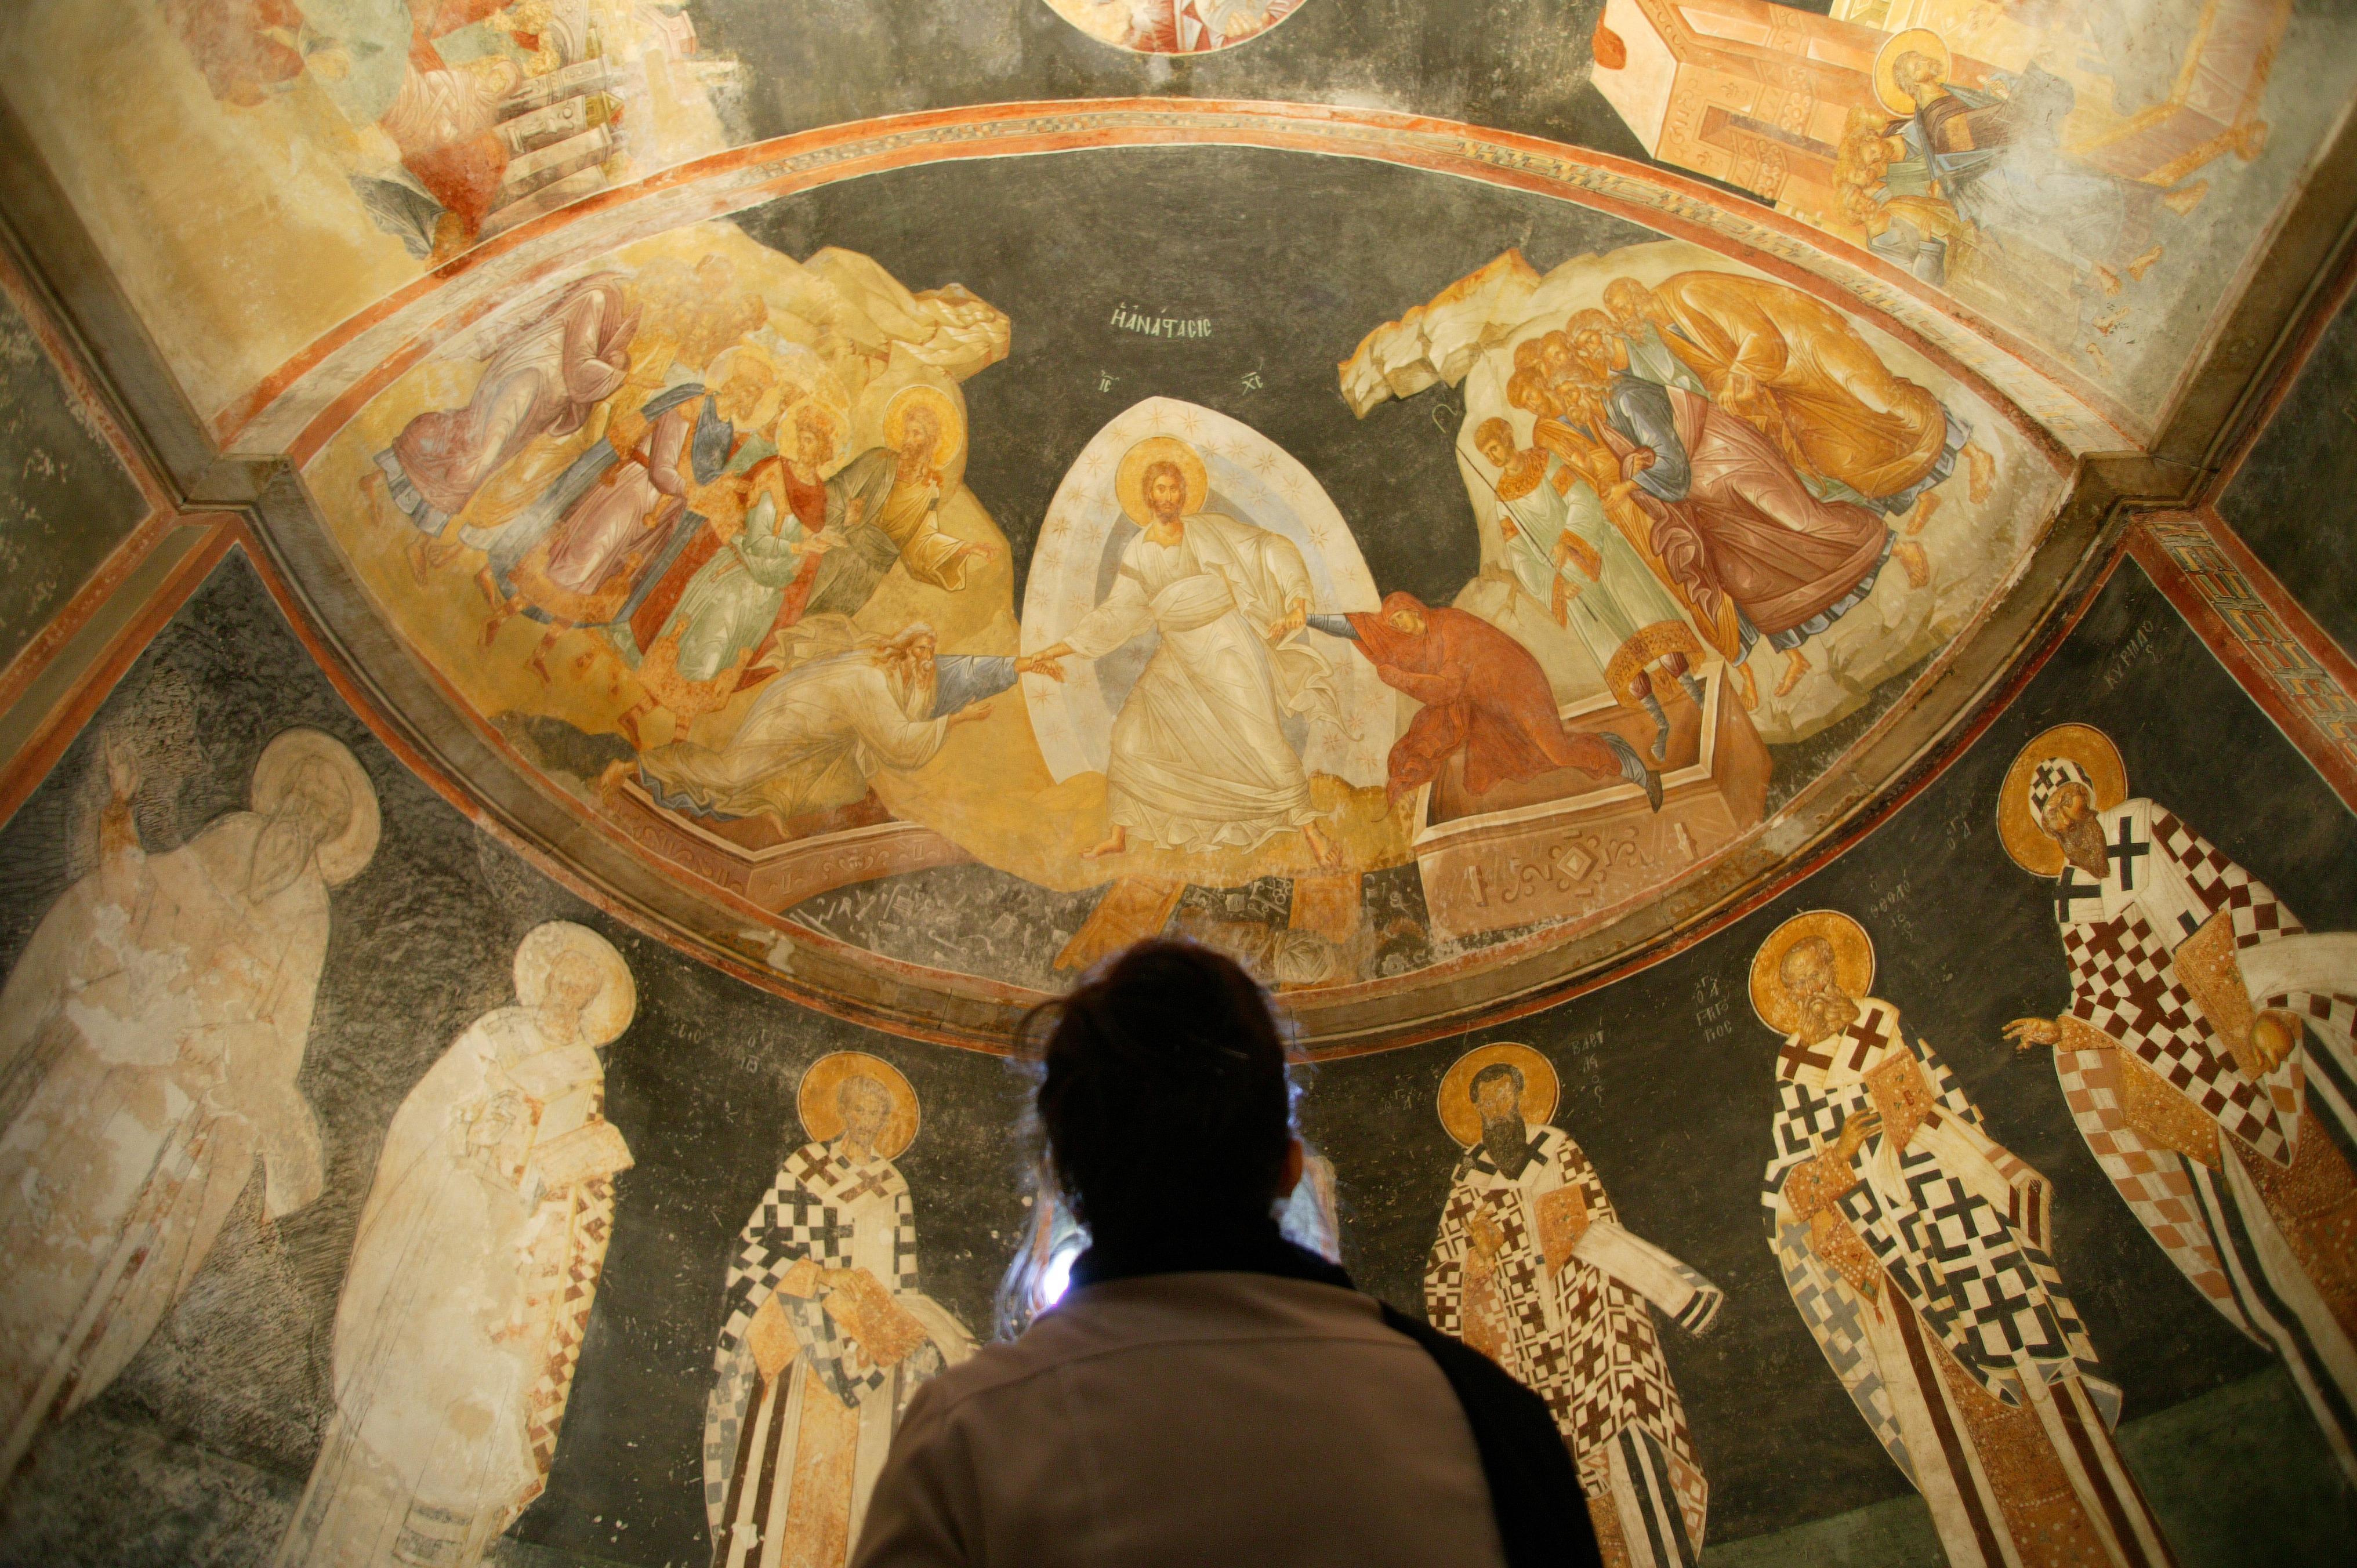 Visiteur dans une église